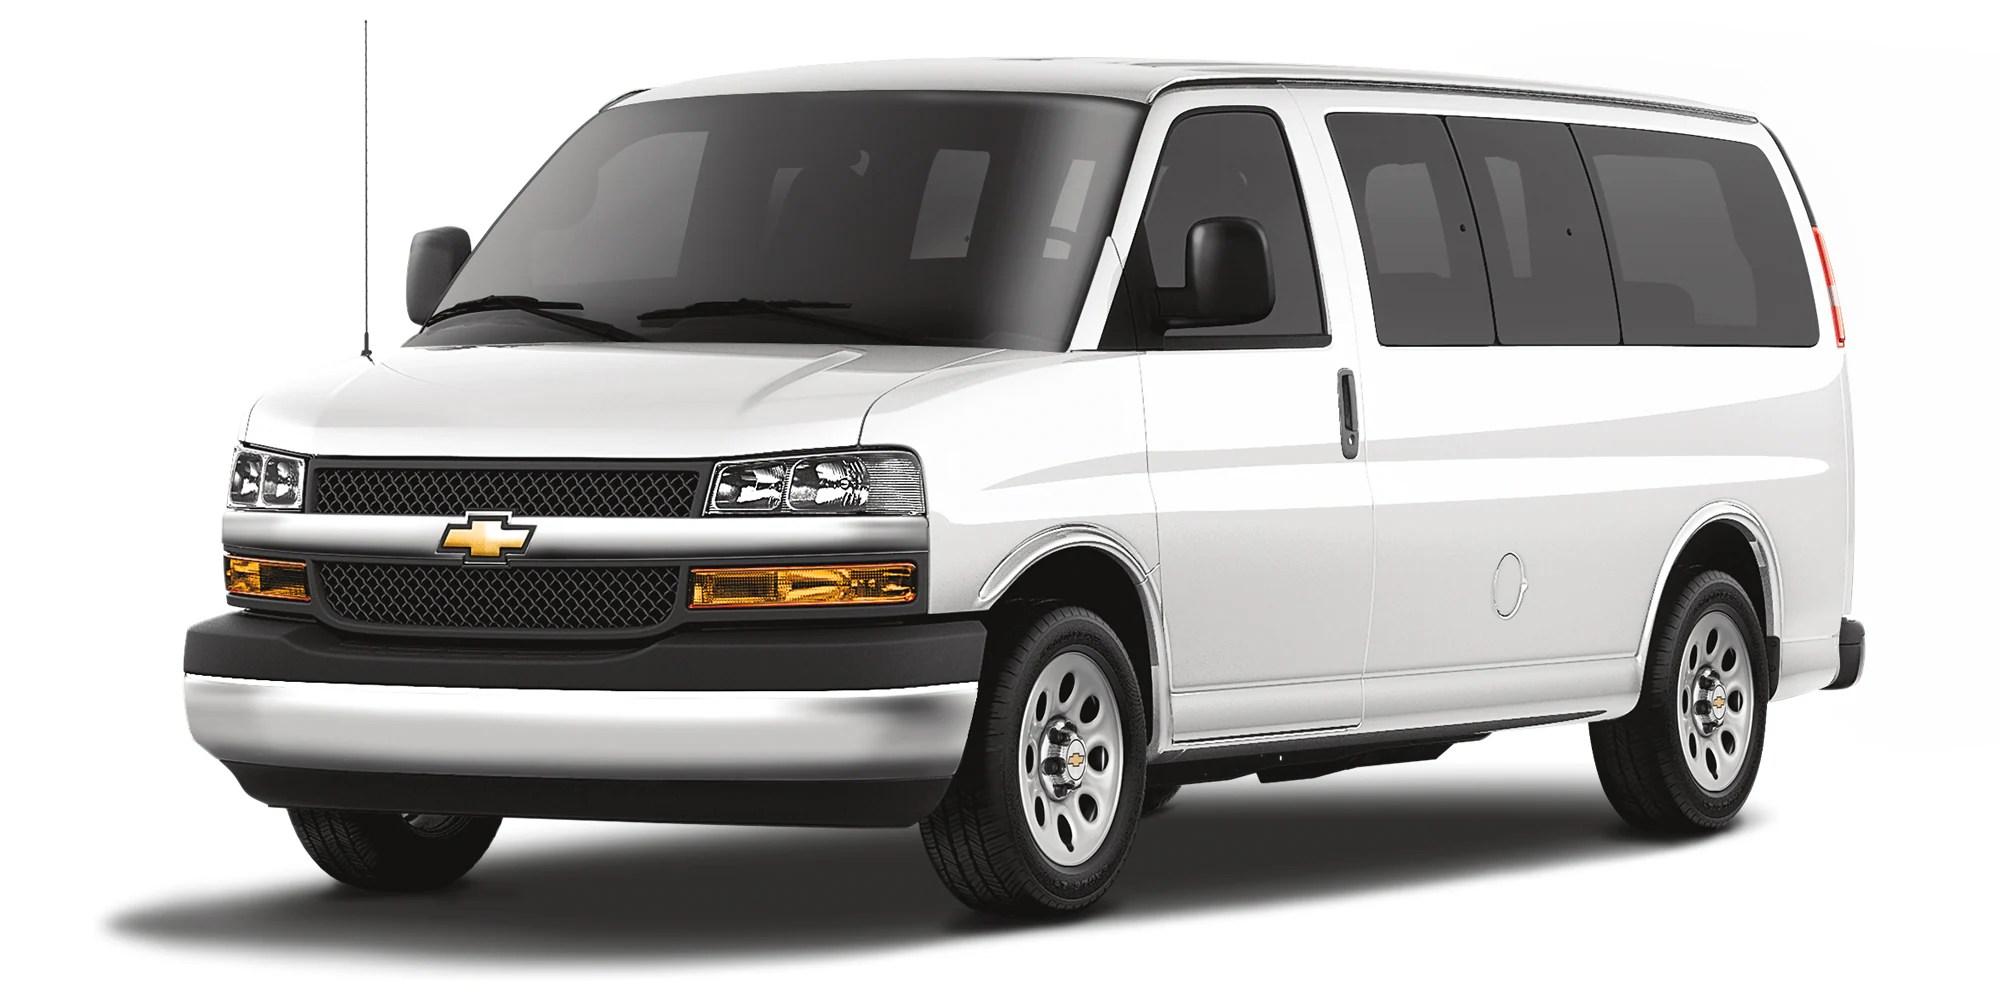 express 2019 camioneta van color blanco [ 1268 x 634 Pixel ]